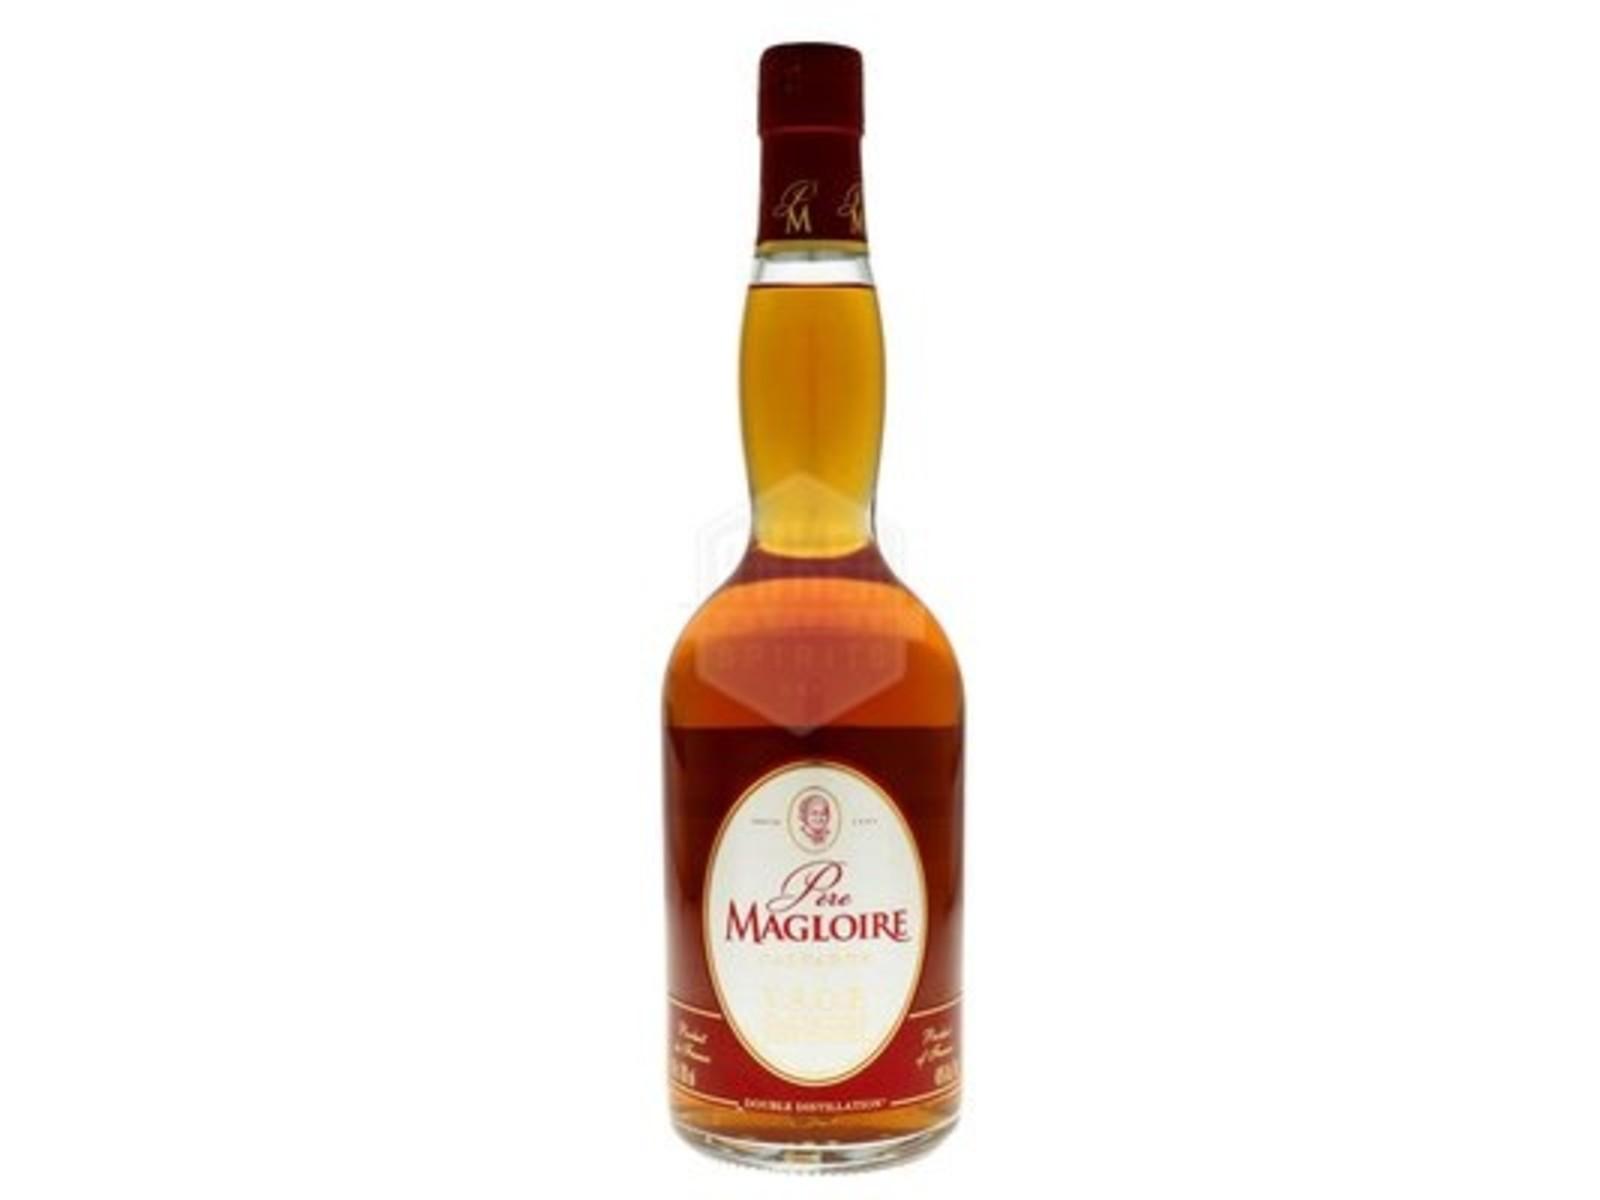 Pere Magloire Pere Magloire / VSOP / calvados / 0,7L